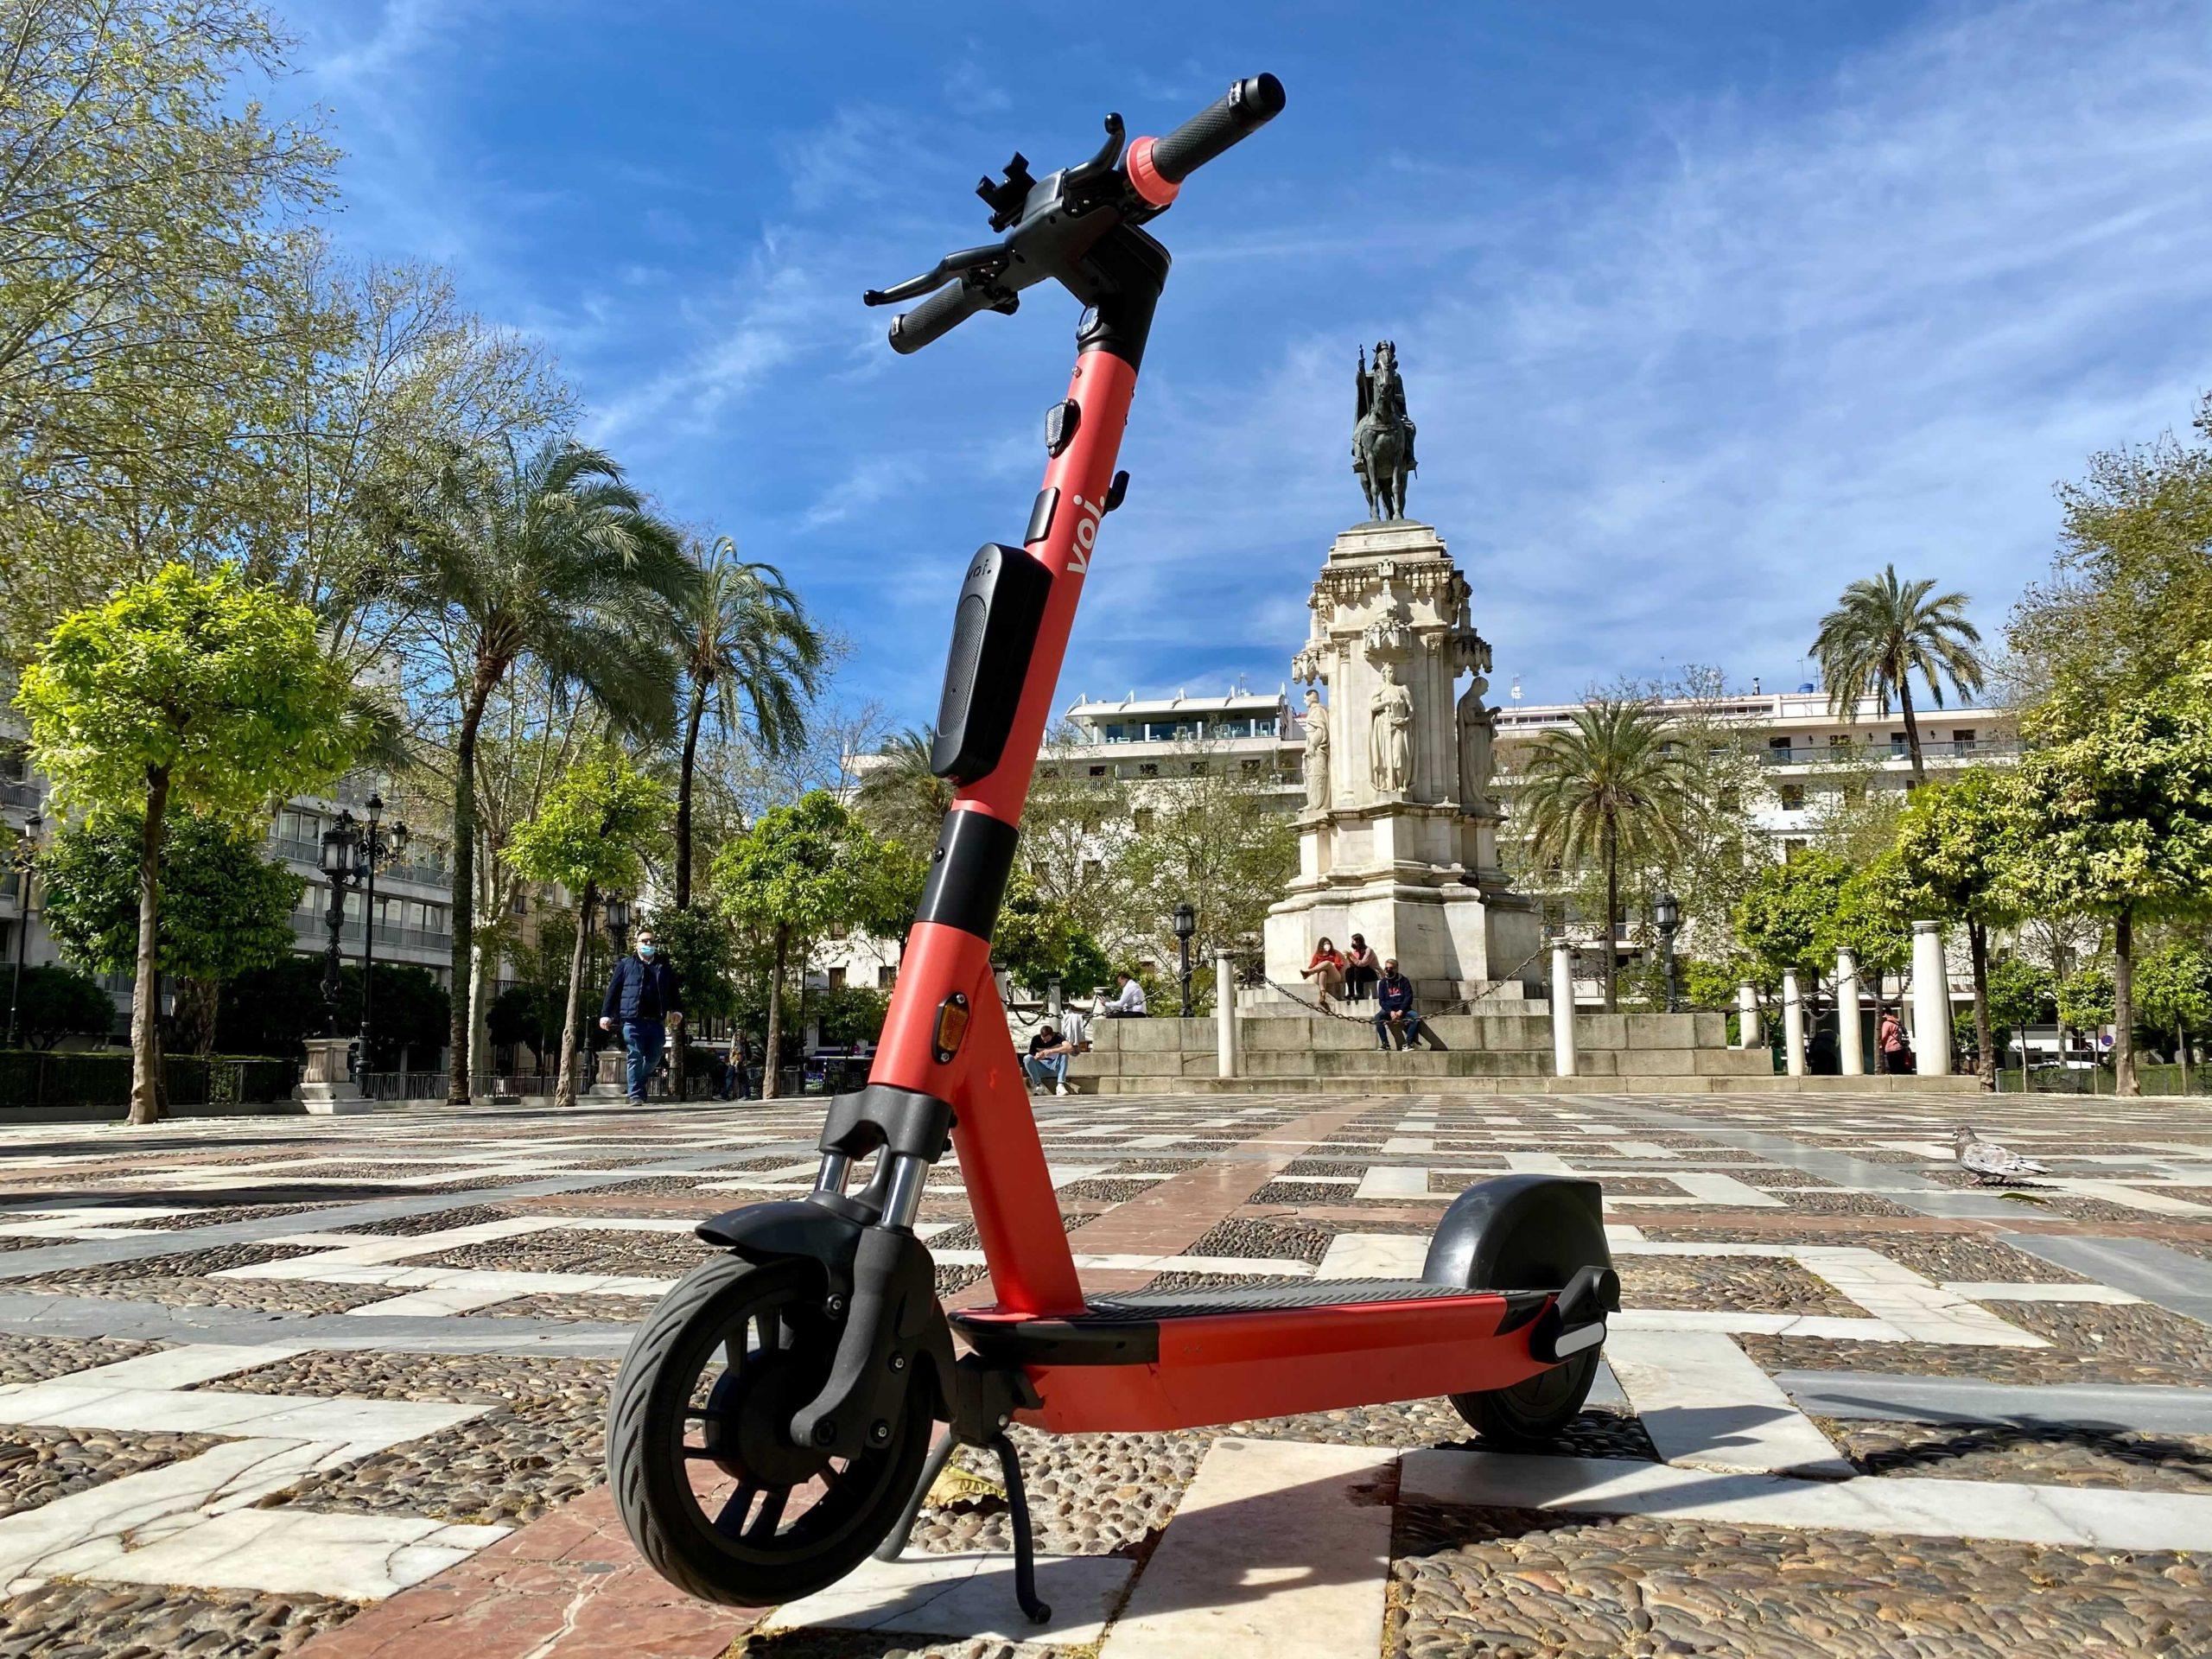 Torre Sevilla y Voi Technology celebran la Semana de la Movilidad con un evento de seguridad centrado en los patinetes